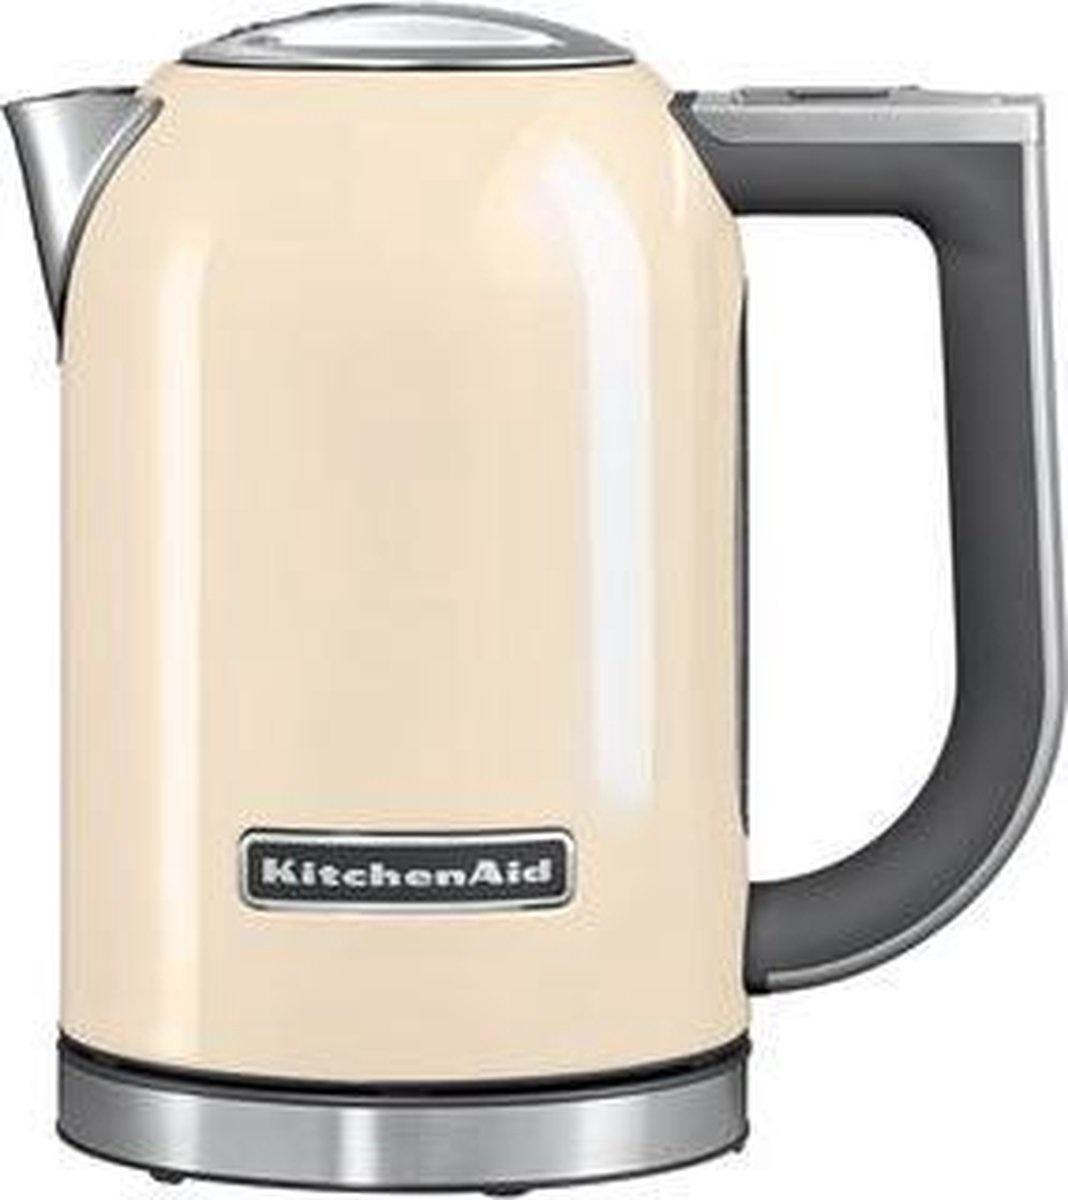 Kitchenaid 5KEK1722EAC - Waterkoker - 1.7 liter - 2400 W - crème